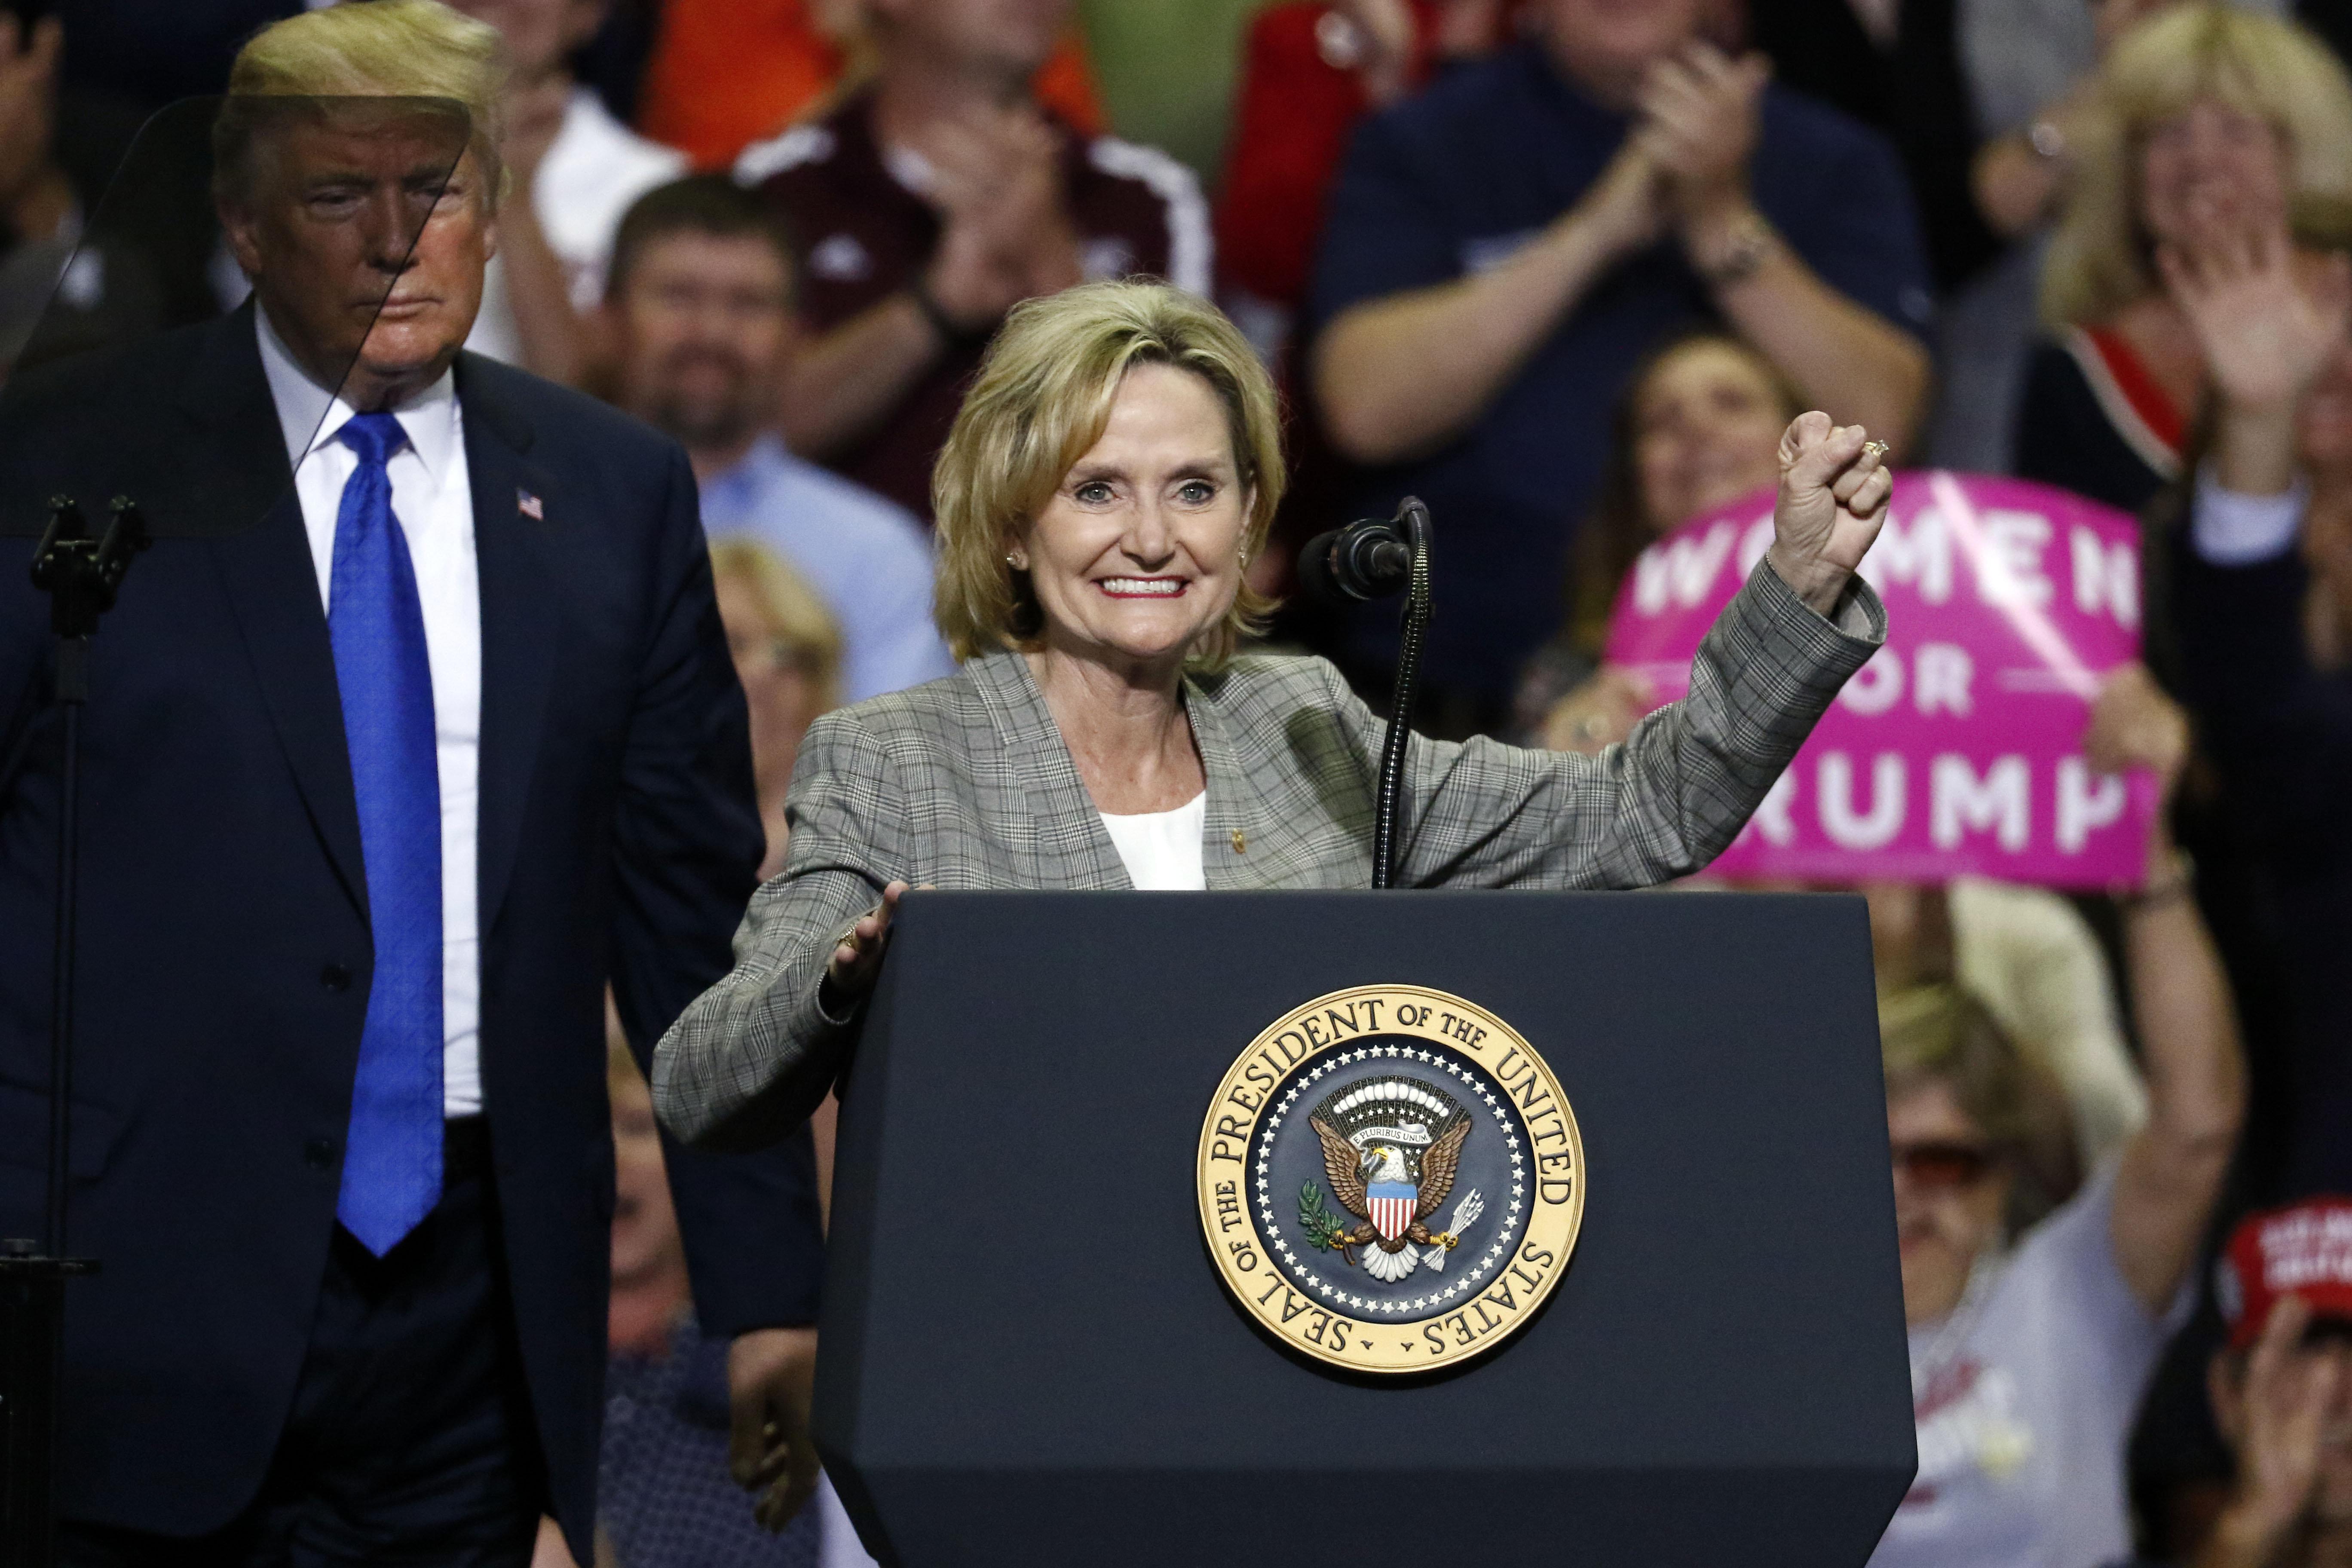 Walmart Drops Mississippi GOP Senator After Joking About Public